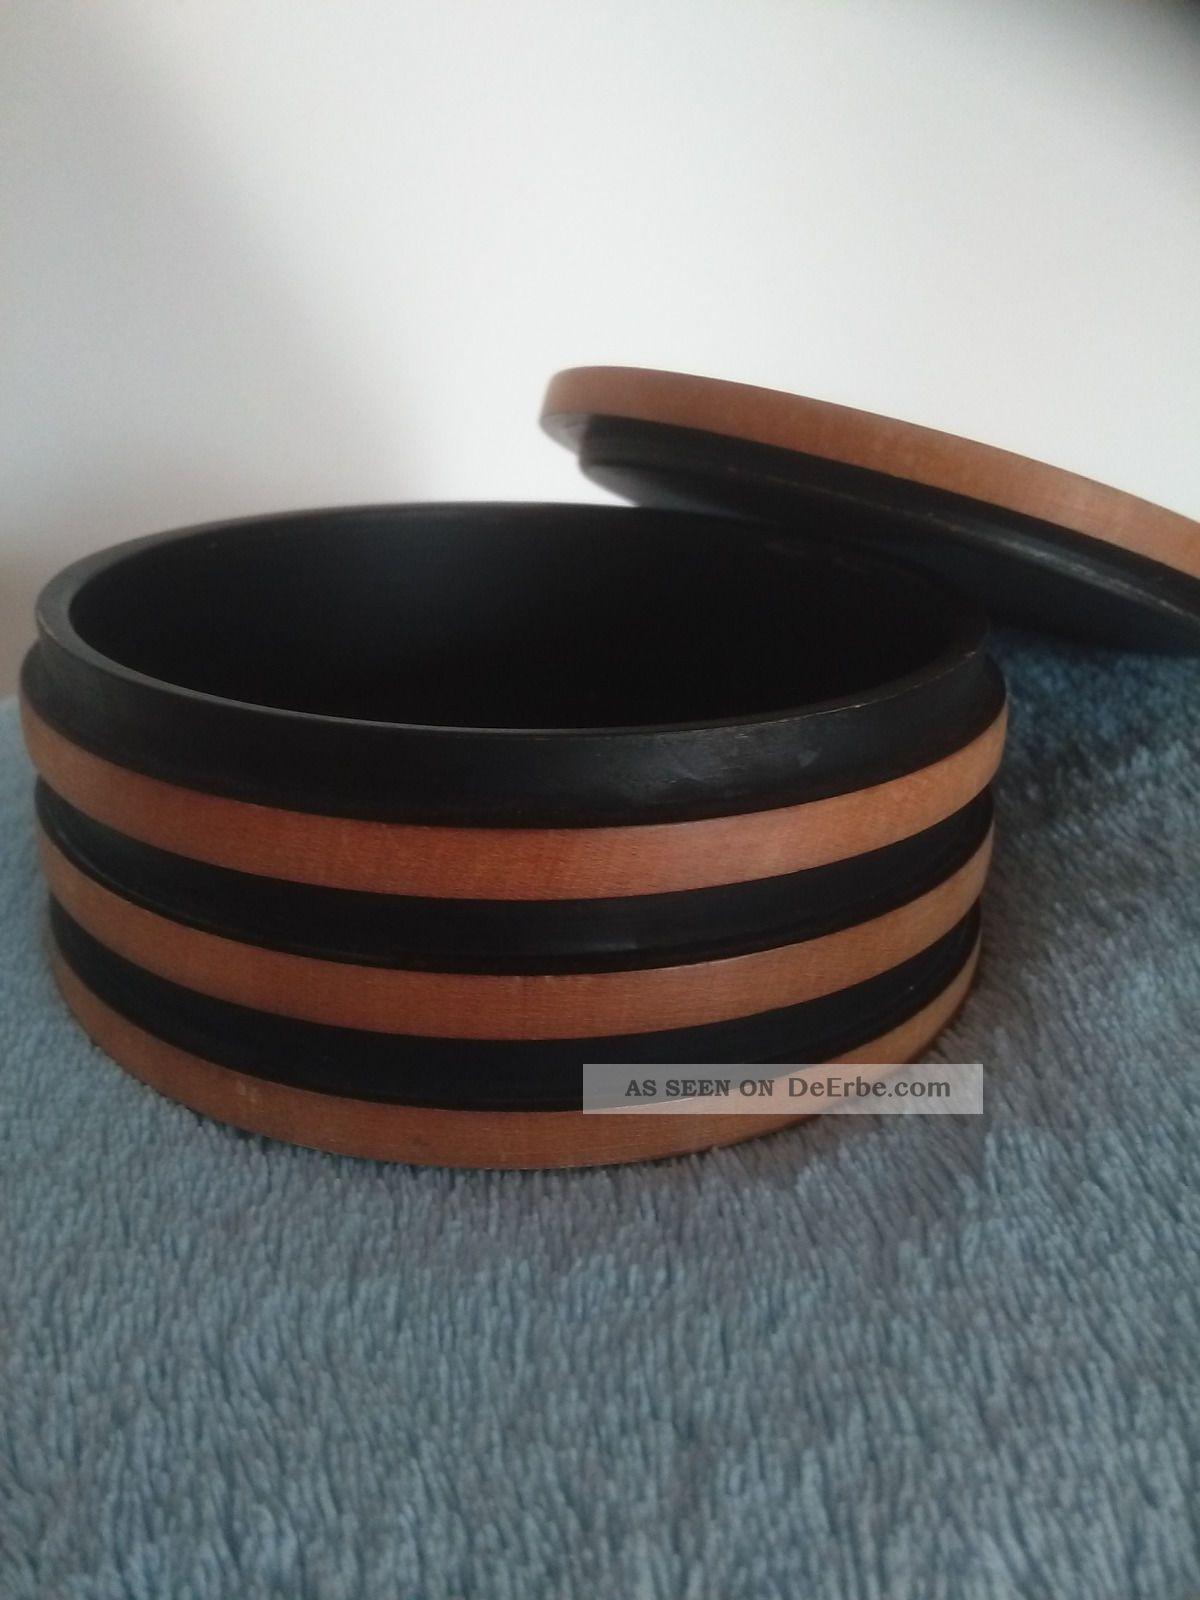 Schmuckdose Holz Deckeldose Schatulle Dose Rund 60er Jahre Holzarbeiten Bild